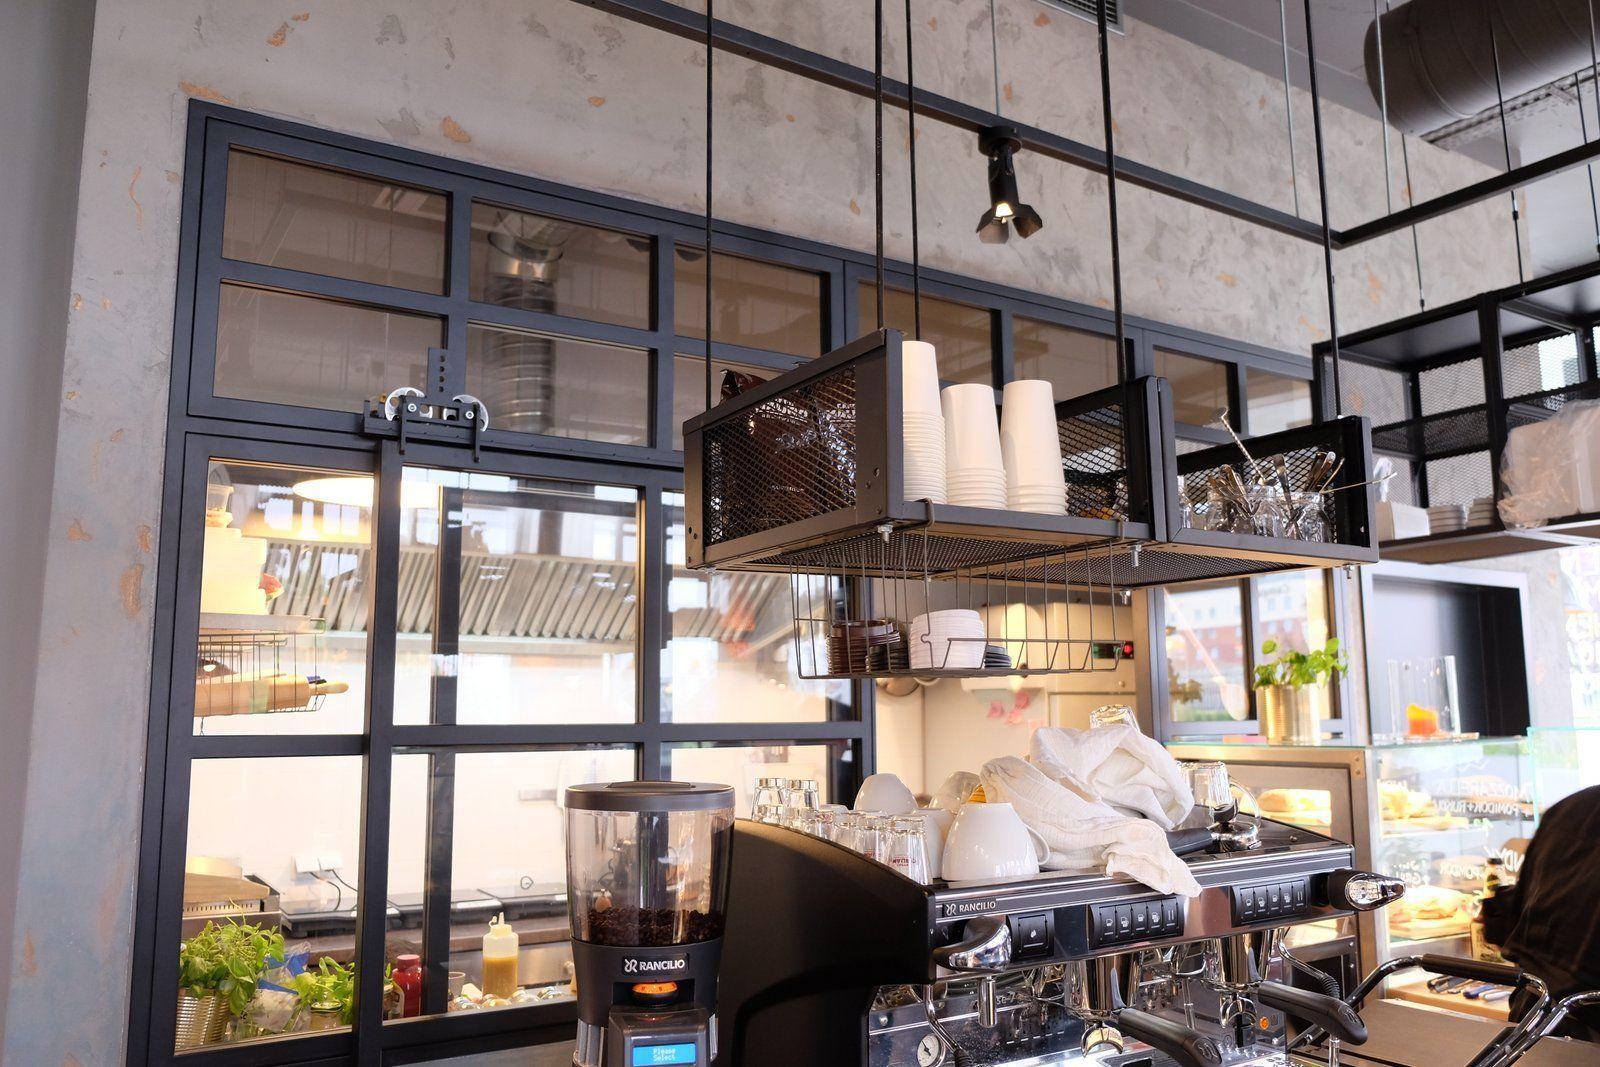 podwieszane kosze stalowe Icon Concept wyposażenie restauracji